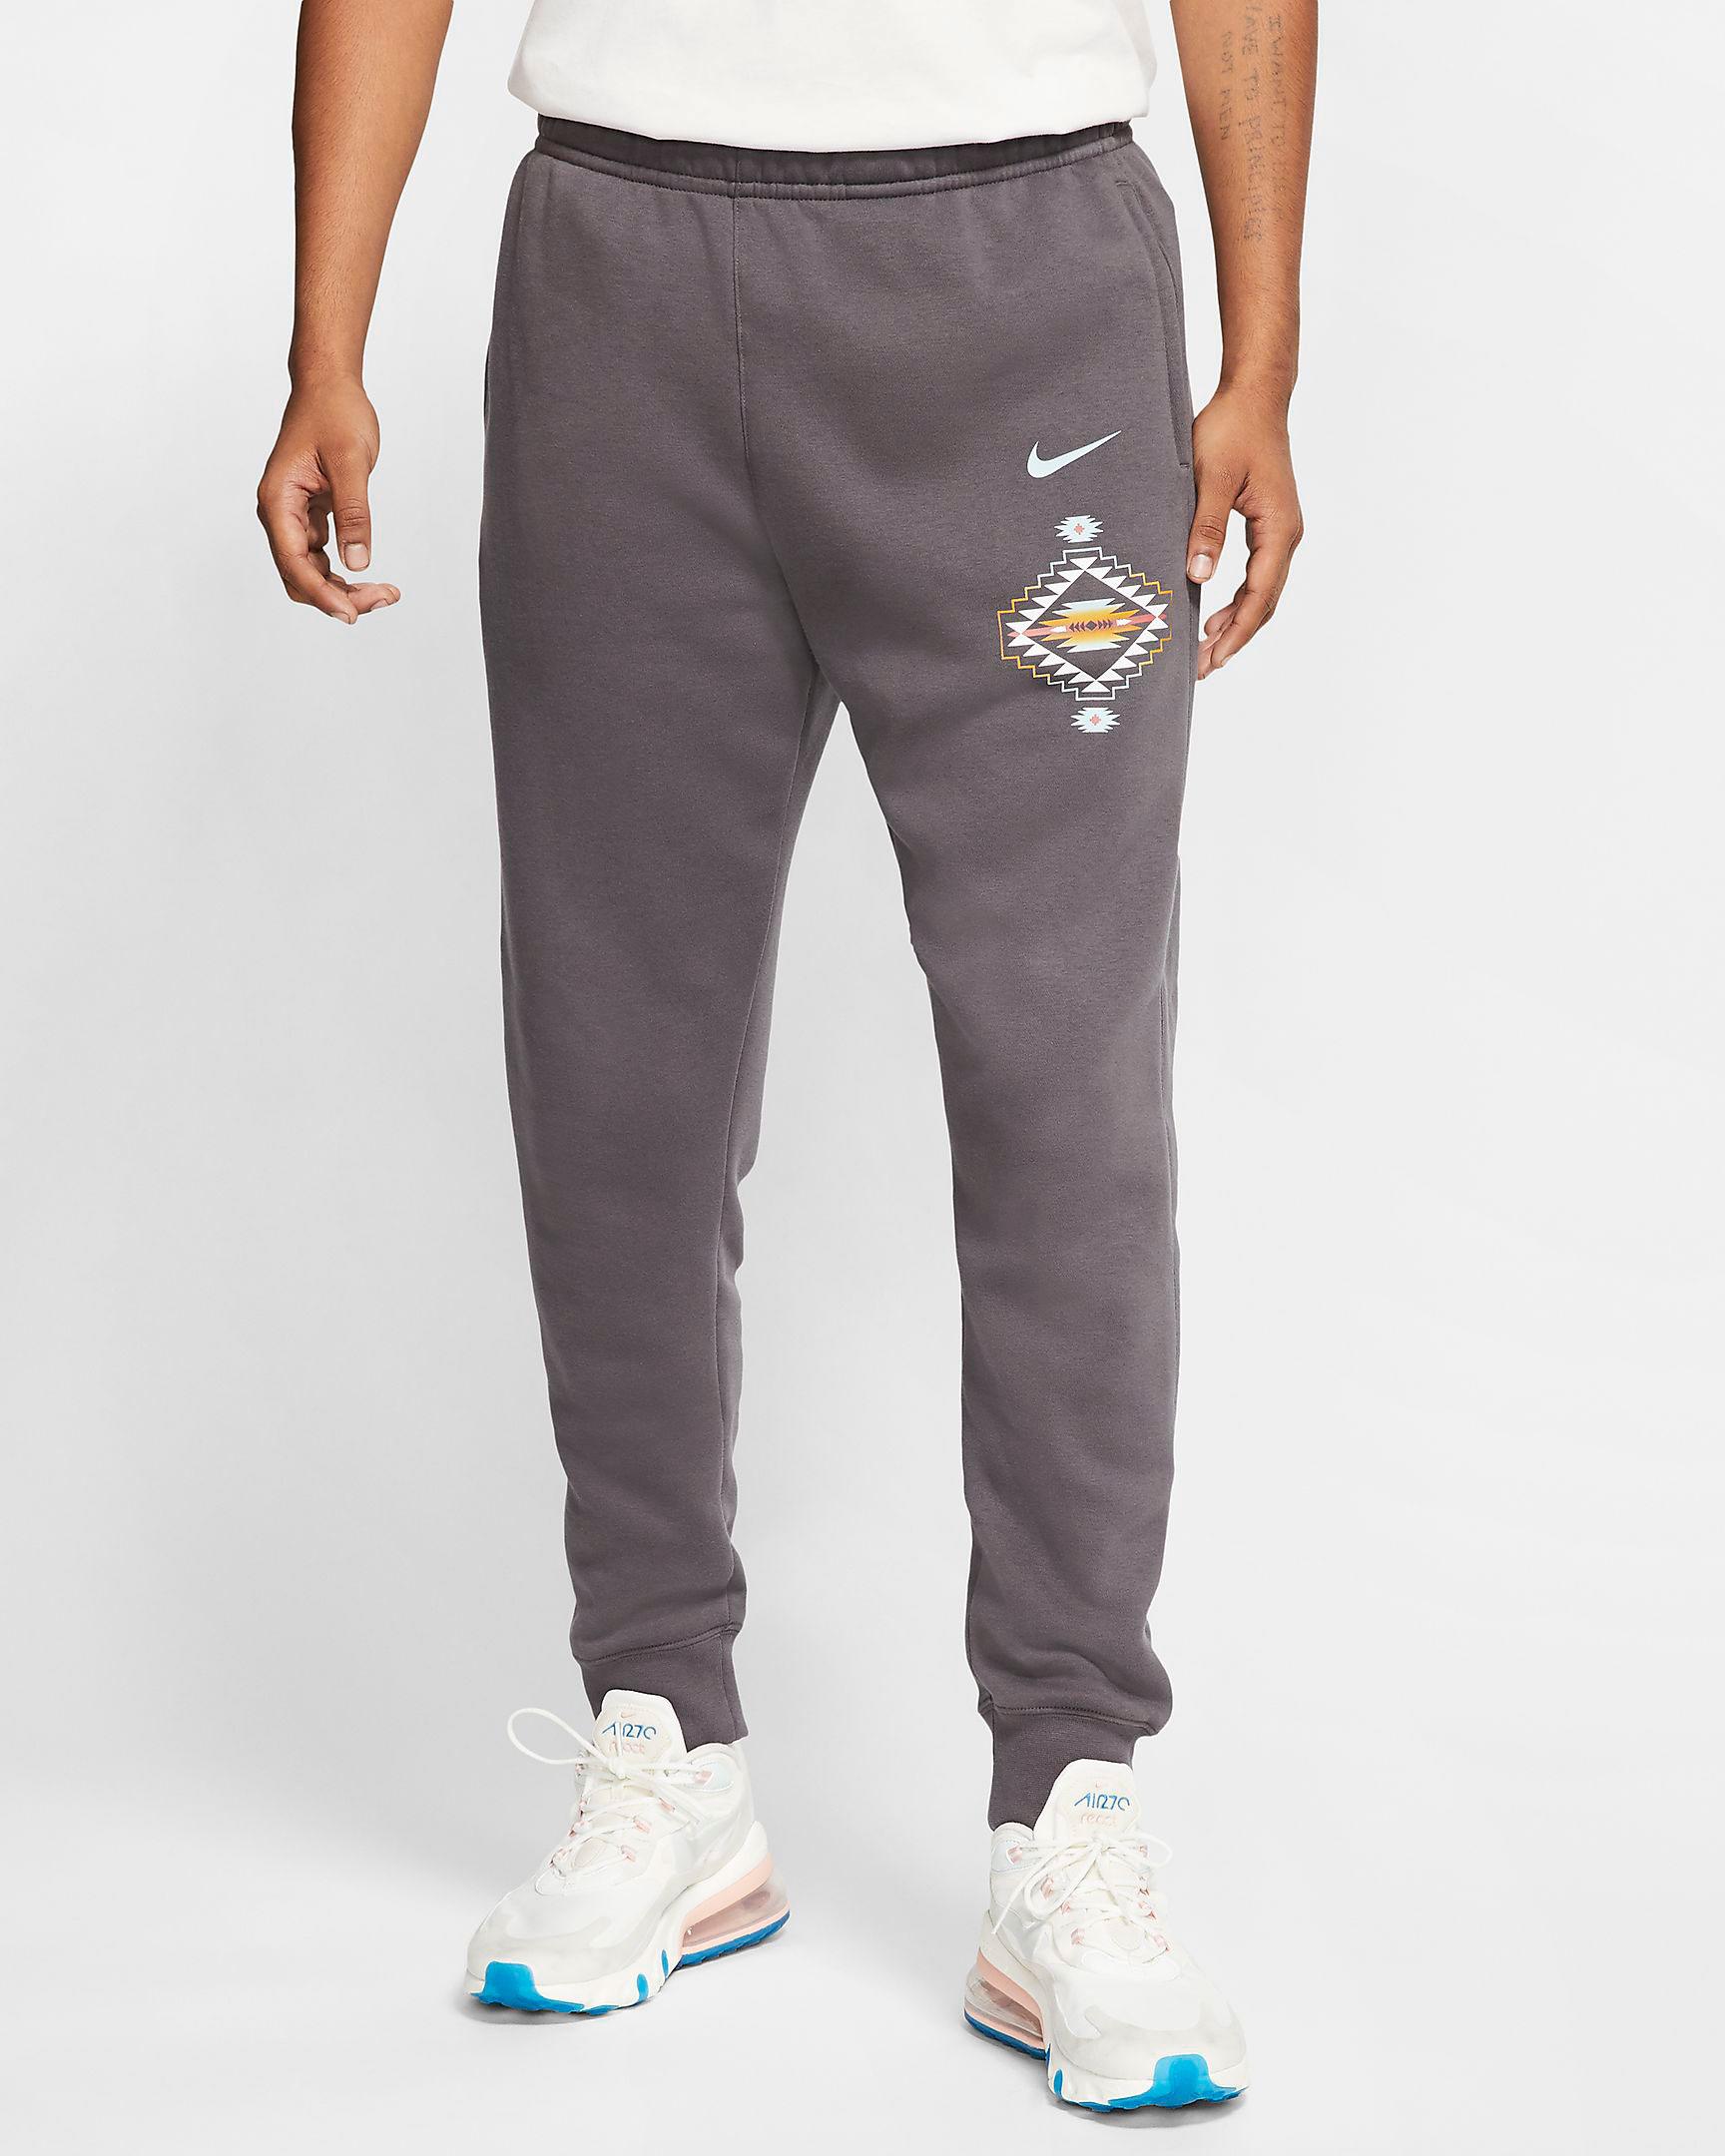 jordan-8-n7-nike-pants